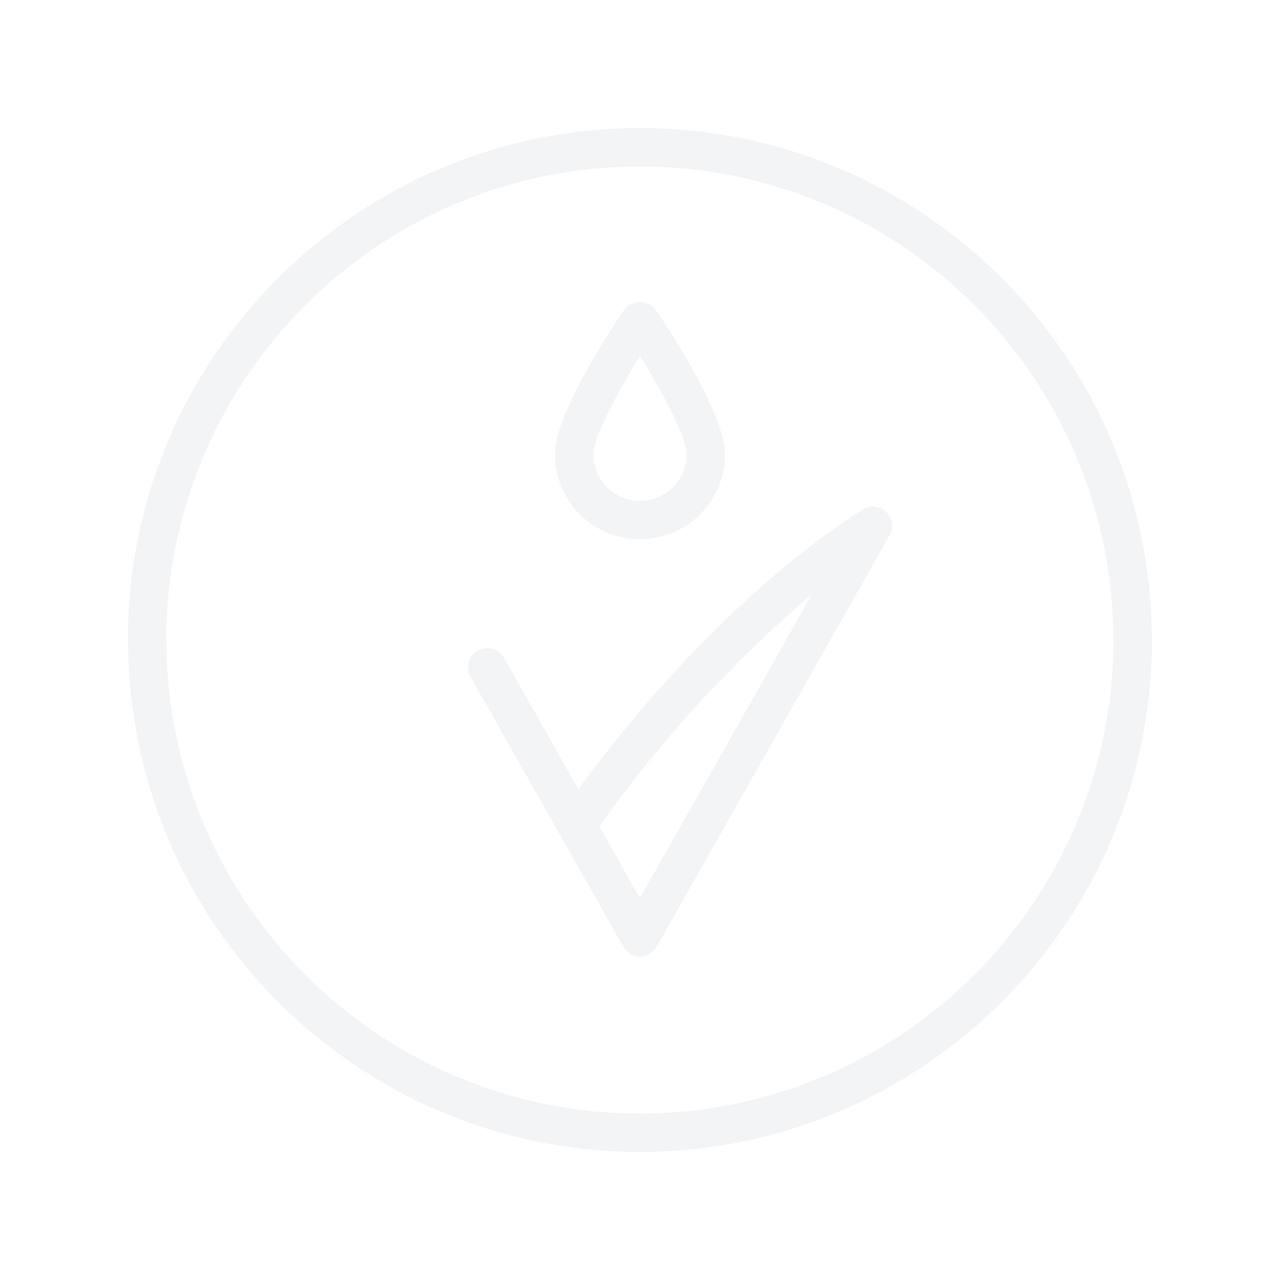 PACO RABANNE 1 Million Prive 100ml Eau De Parfum Gift Set